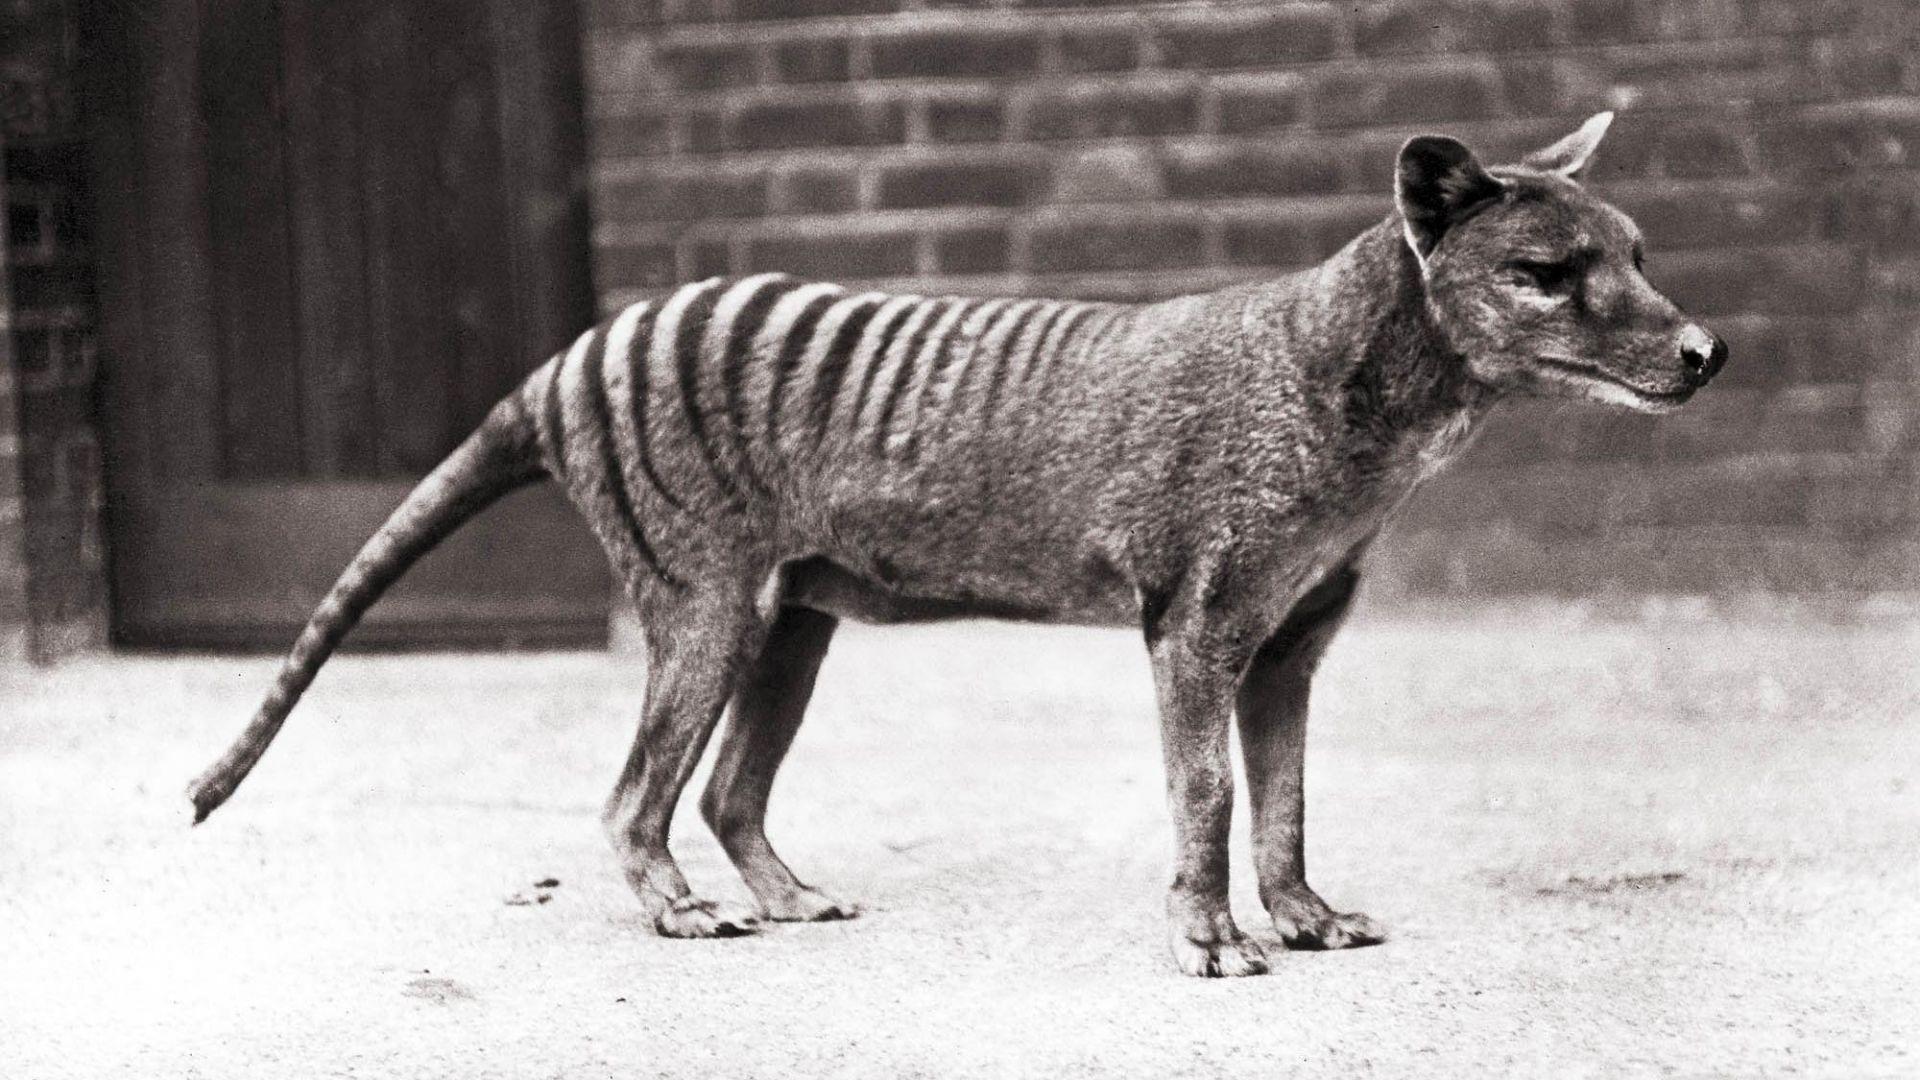 Откриха забравени кадри на изчезналия тасманийски тигър